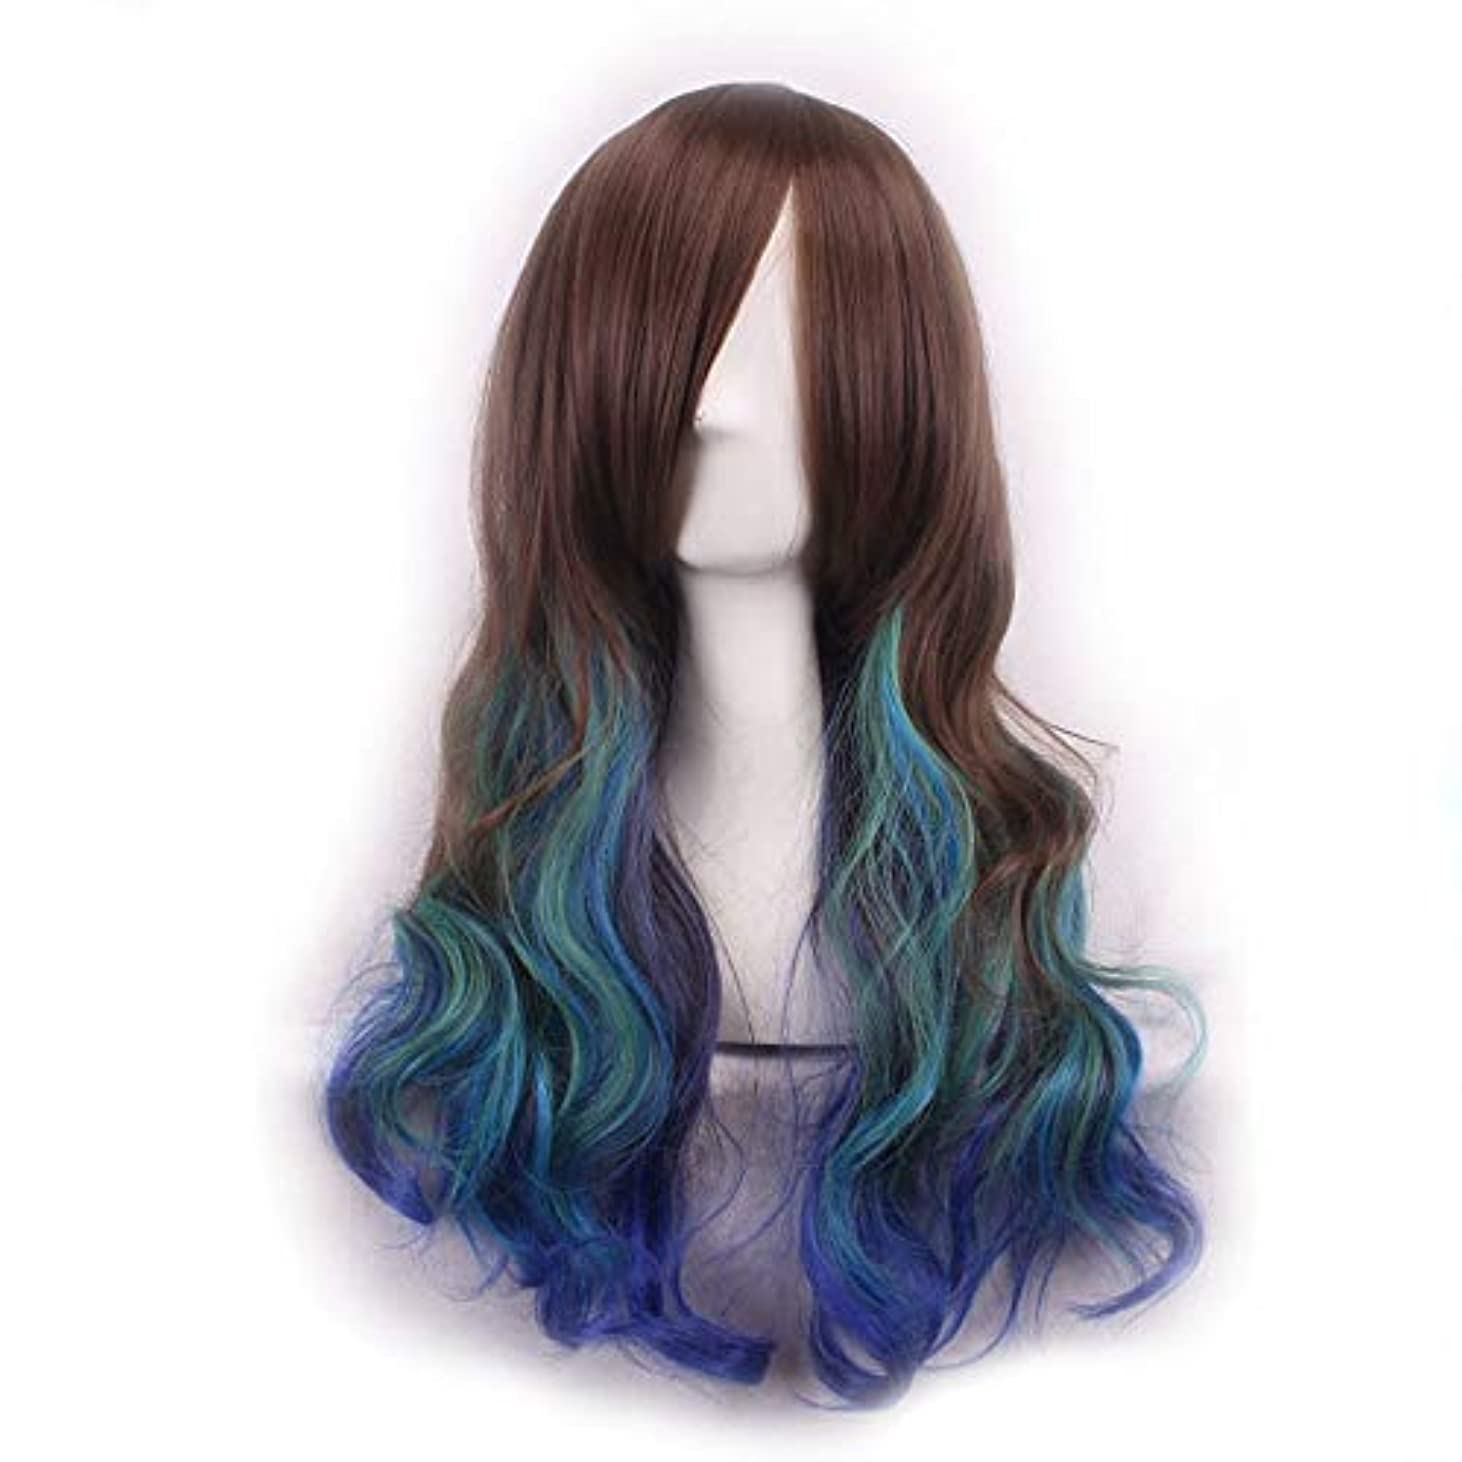 荒らす共和党幸運なことにかつらキャップでかつらファンシードレスカールかつら女性用高品質合成毛髪コスプレ高密度かつら女性&女の子ブルー、レッド (Color : 青)